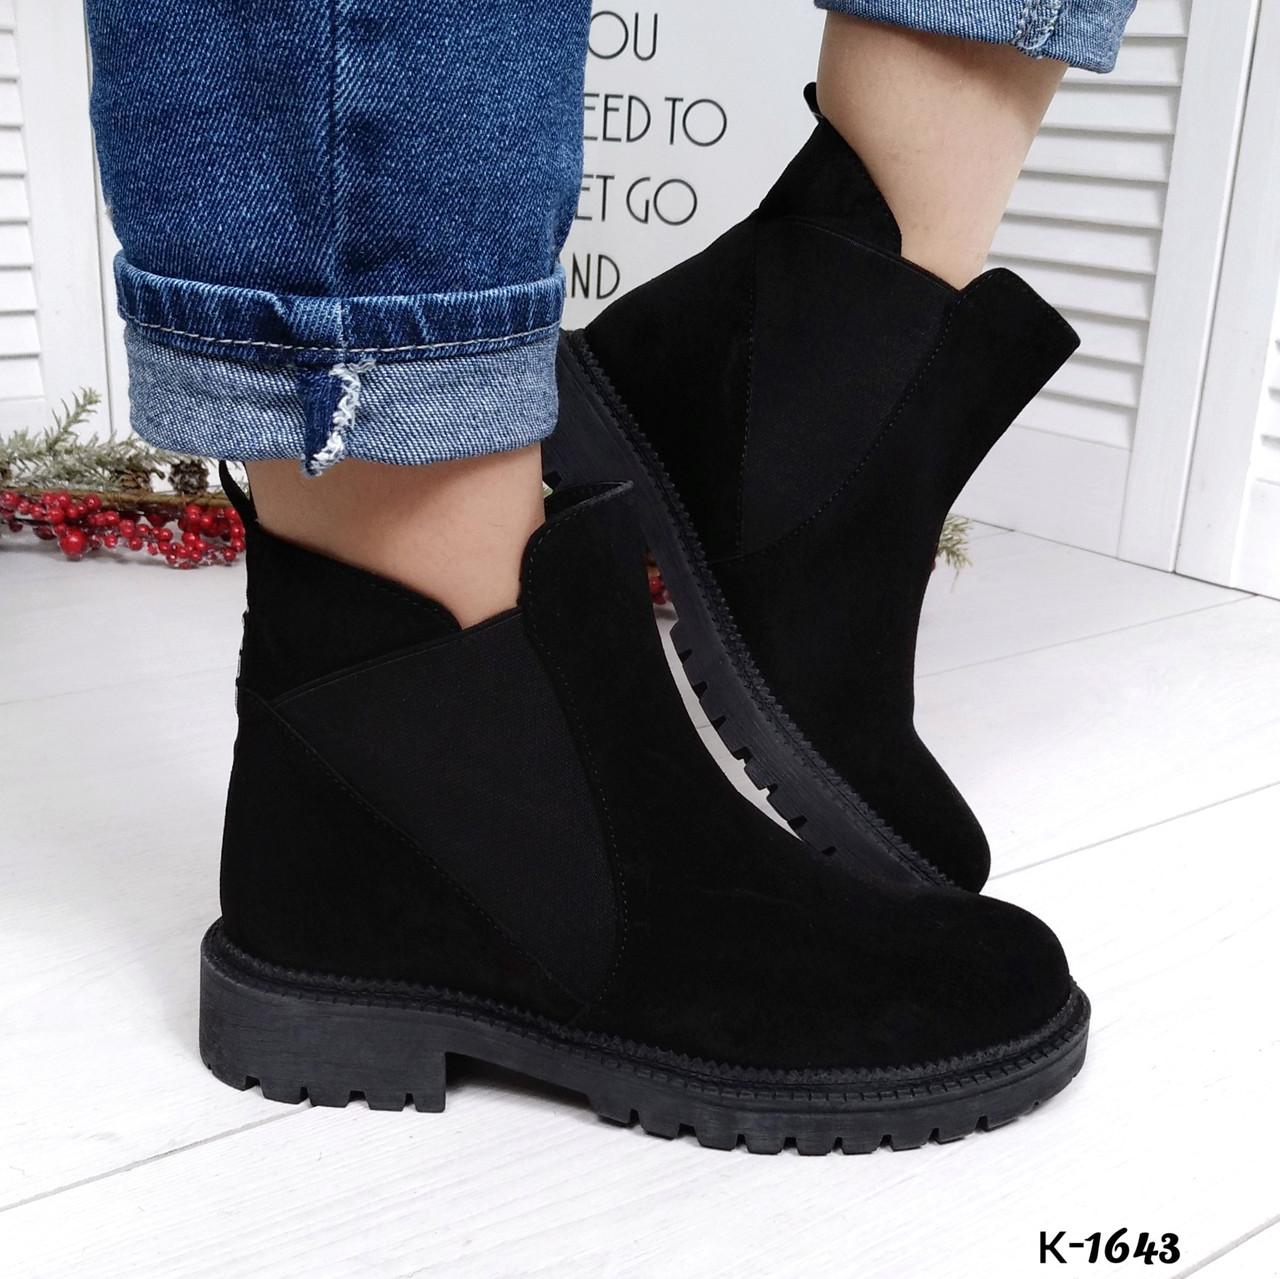 Женские демисезонные ботинки в черном цвете из натуральной замши